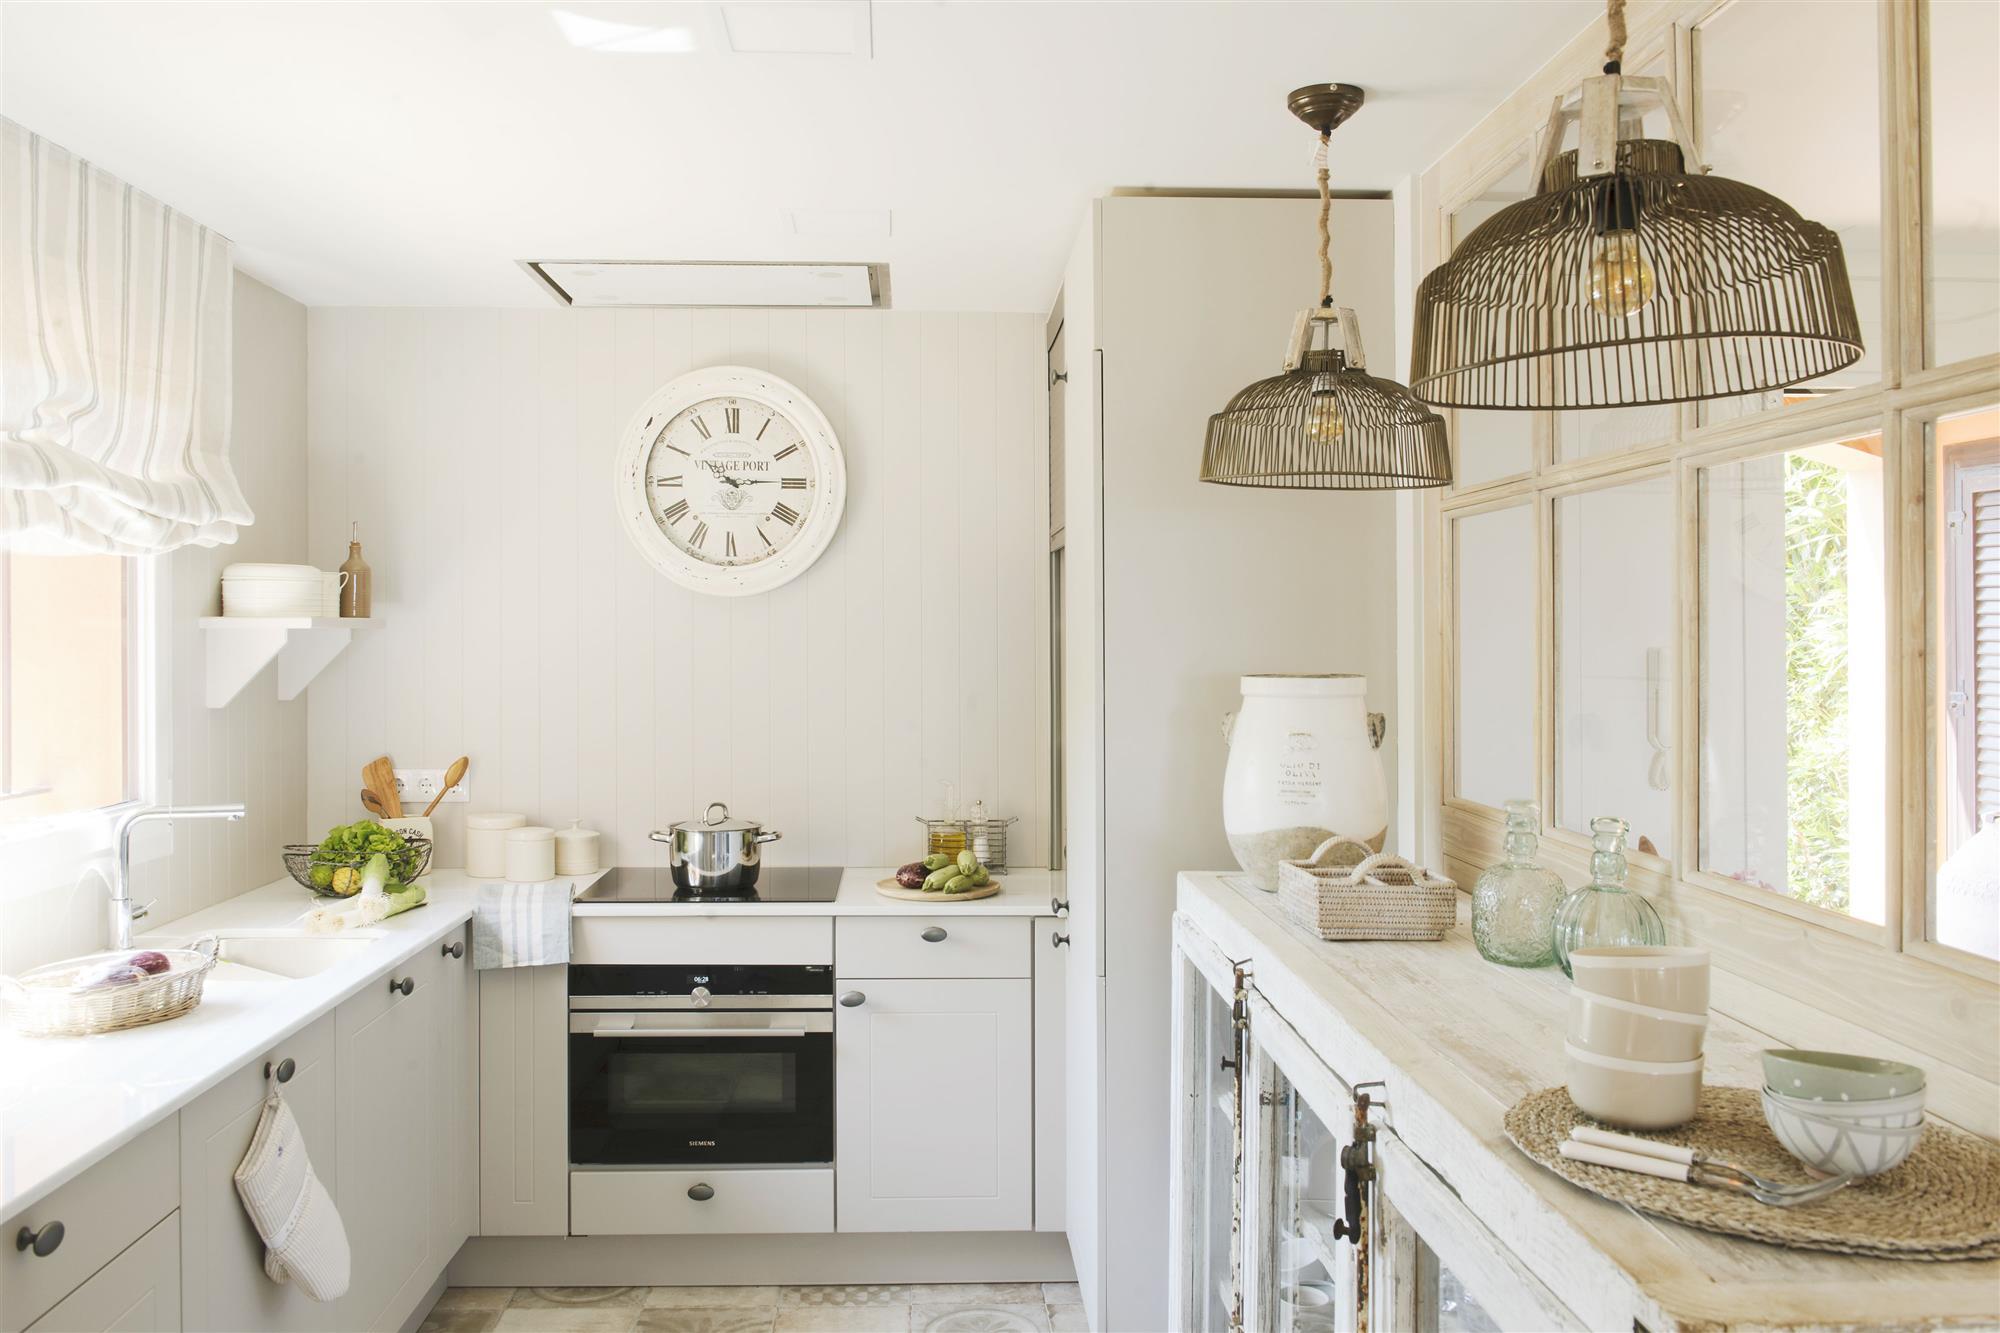 11 maneras en que una l mpara mejor la decoraci n de una casa for La decoracion de las casas